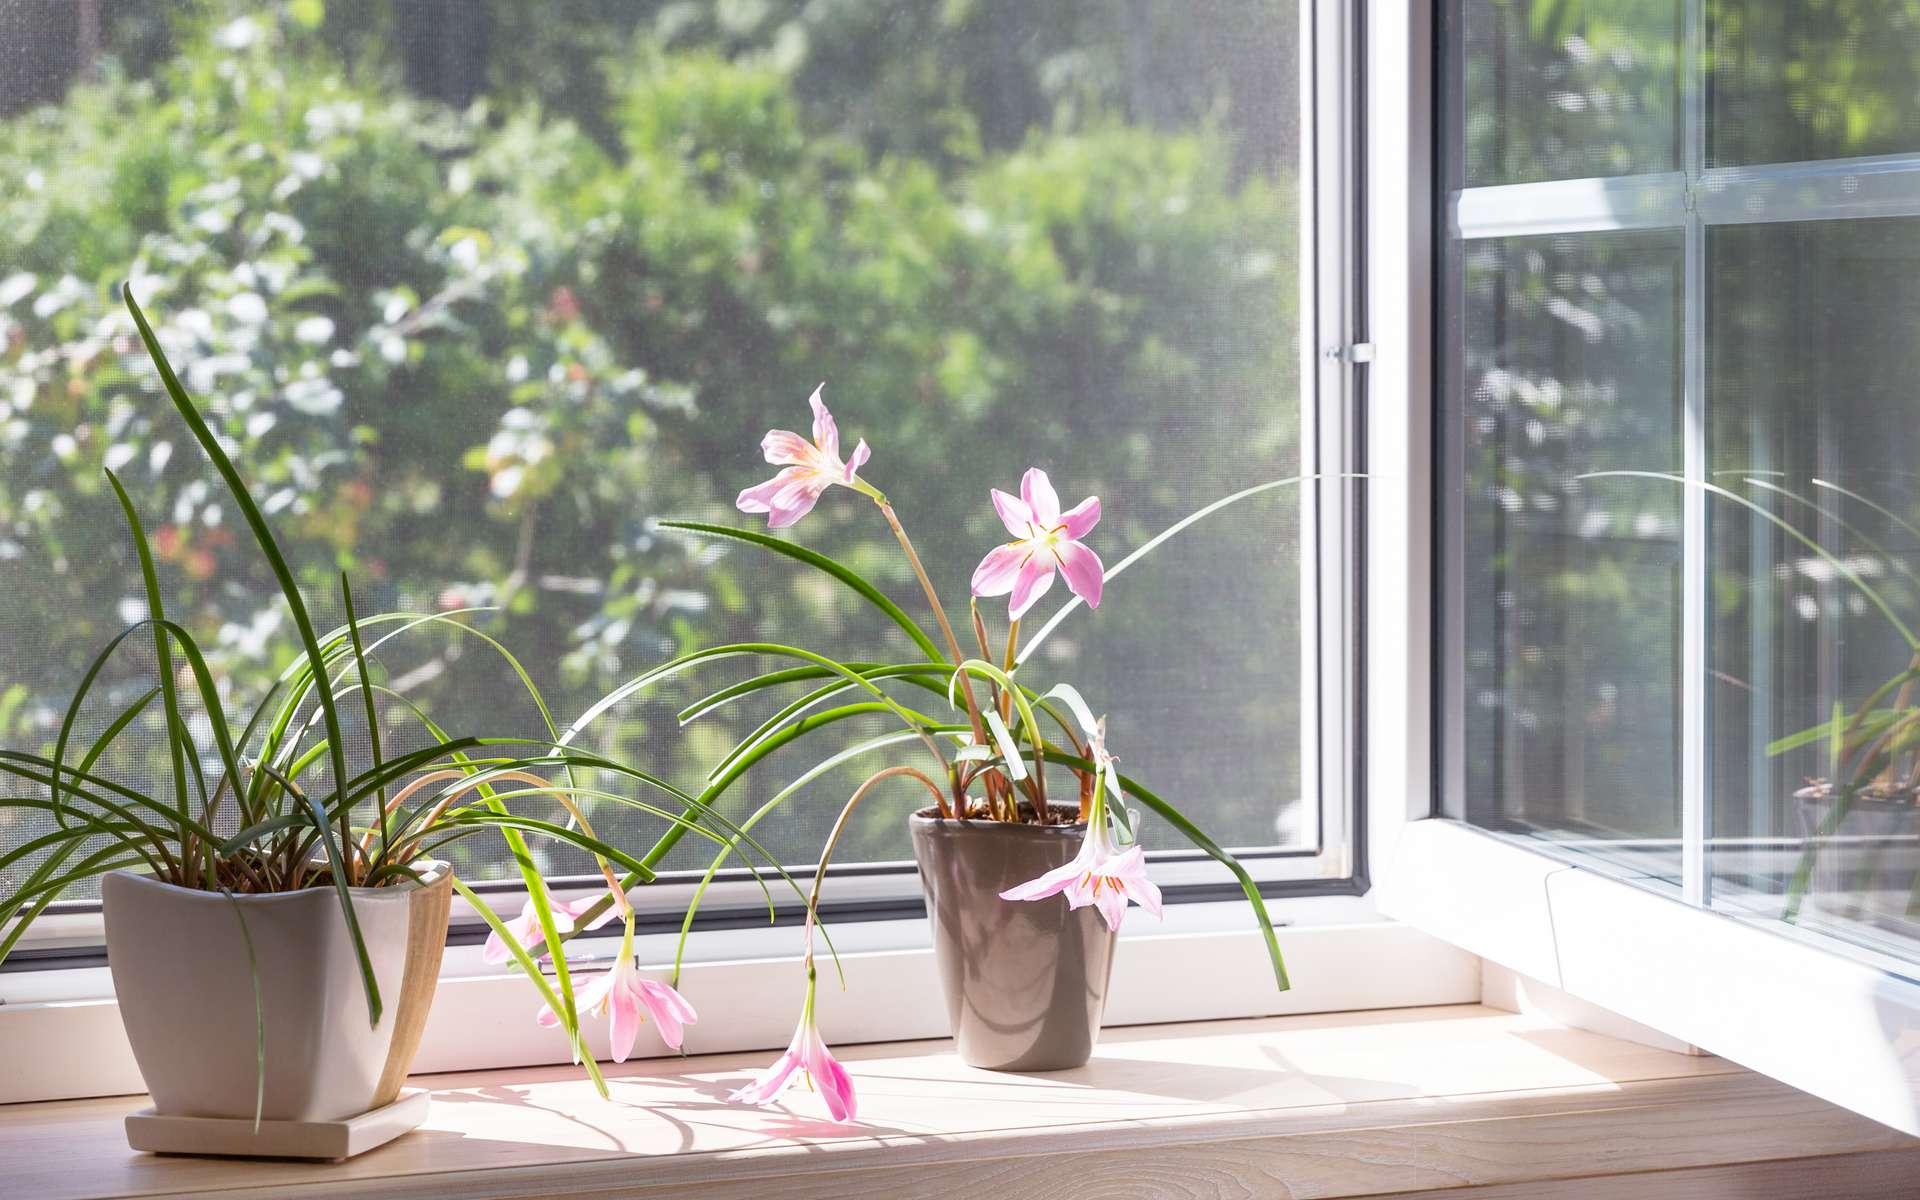 Quasi invisible, une moustiquaire permet d'ouvrir une fenêtre pour aérer la maison et profiter de la douceur estivale sans que les pollens et insectes pénètrent à l'intérieur. © Olga Ionina, Adobe Stock